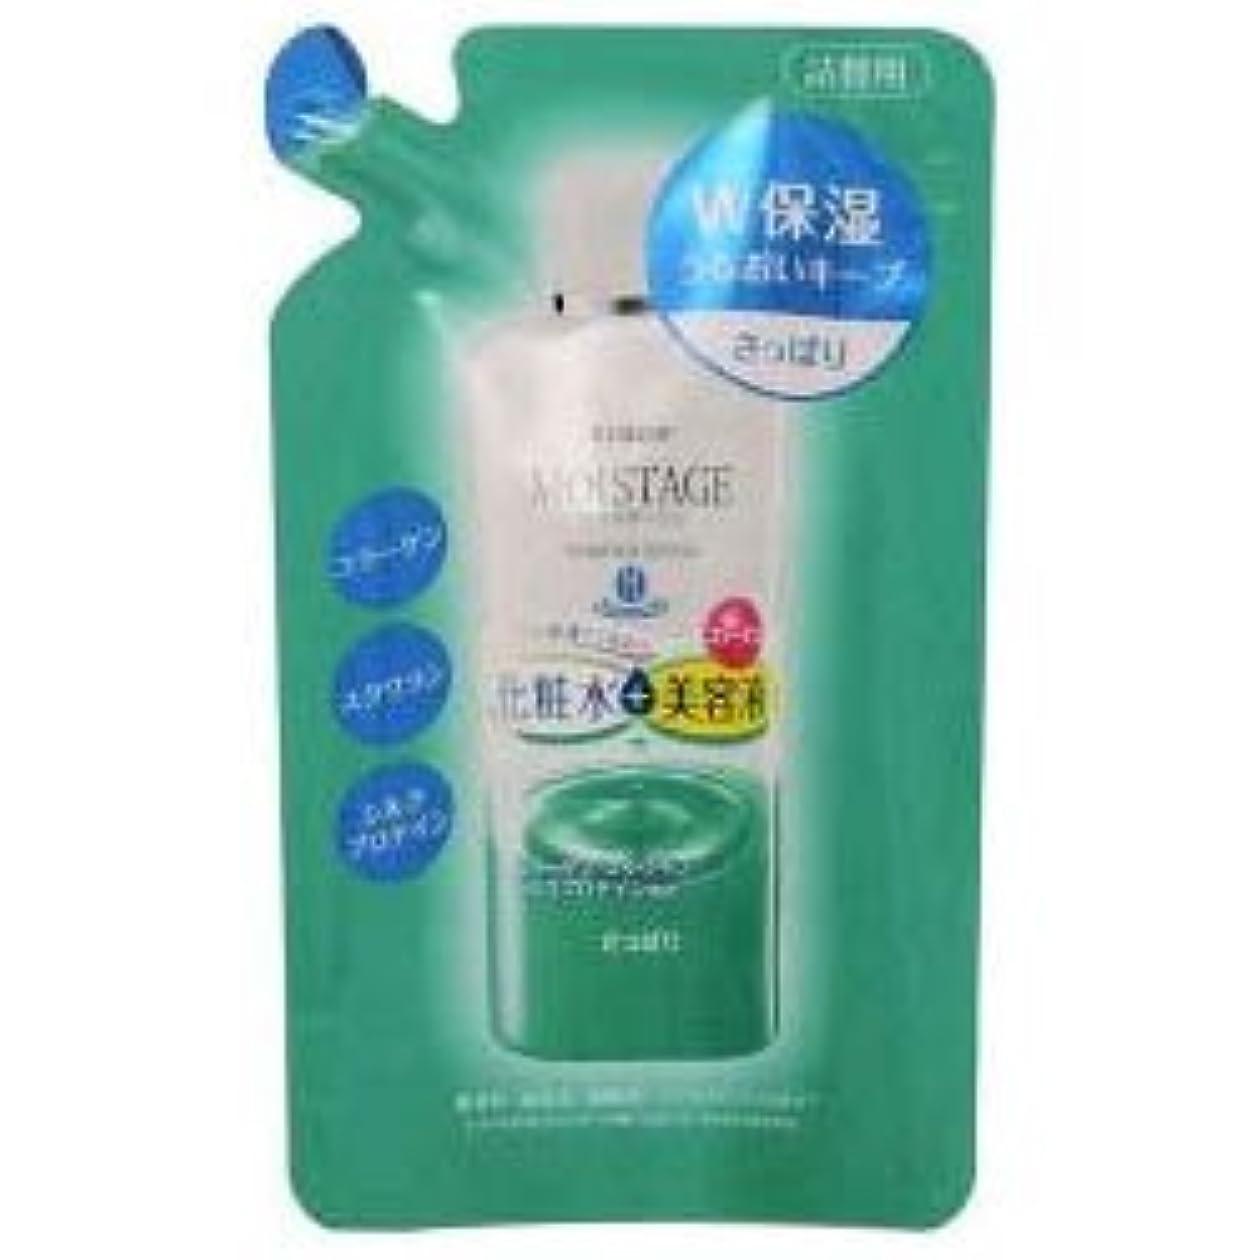 植生乳以下【クラシエ】モイスタージュ エッセンスローション(さっぱり)詰替用 200ml ×10個セット